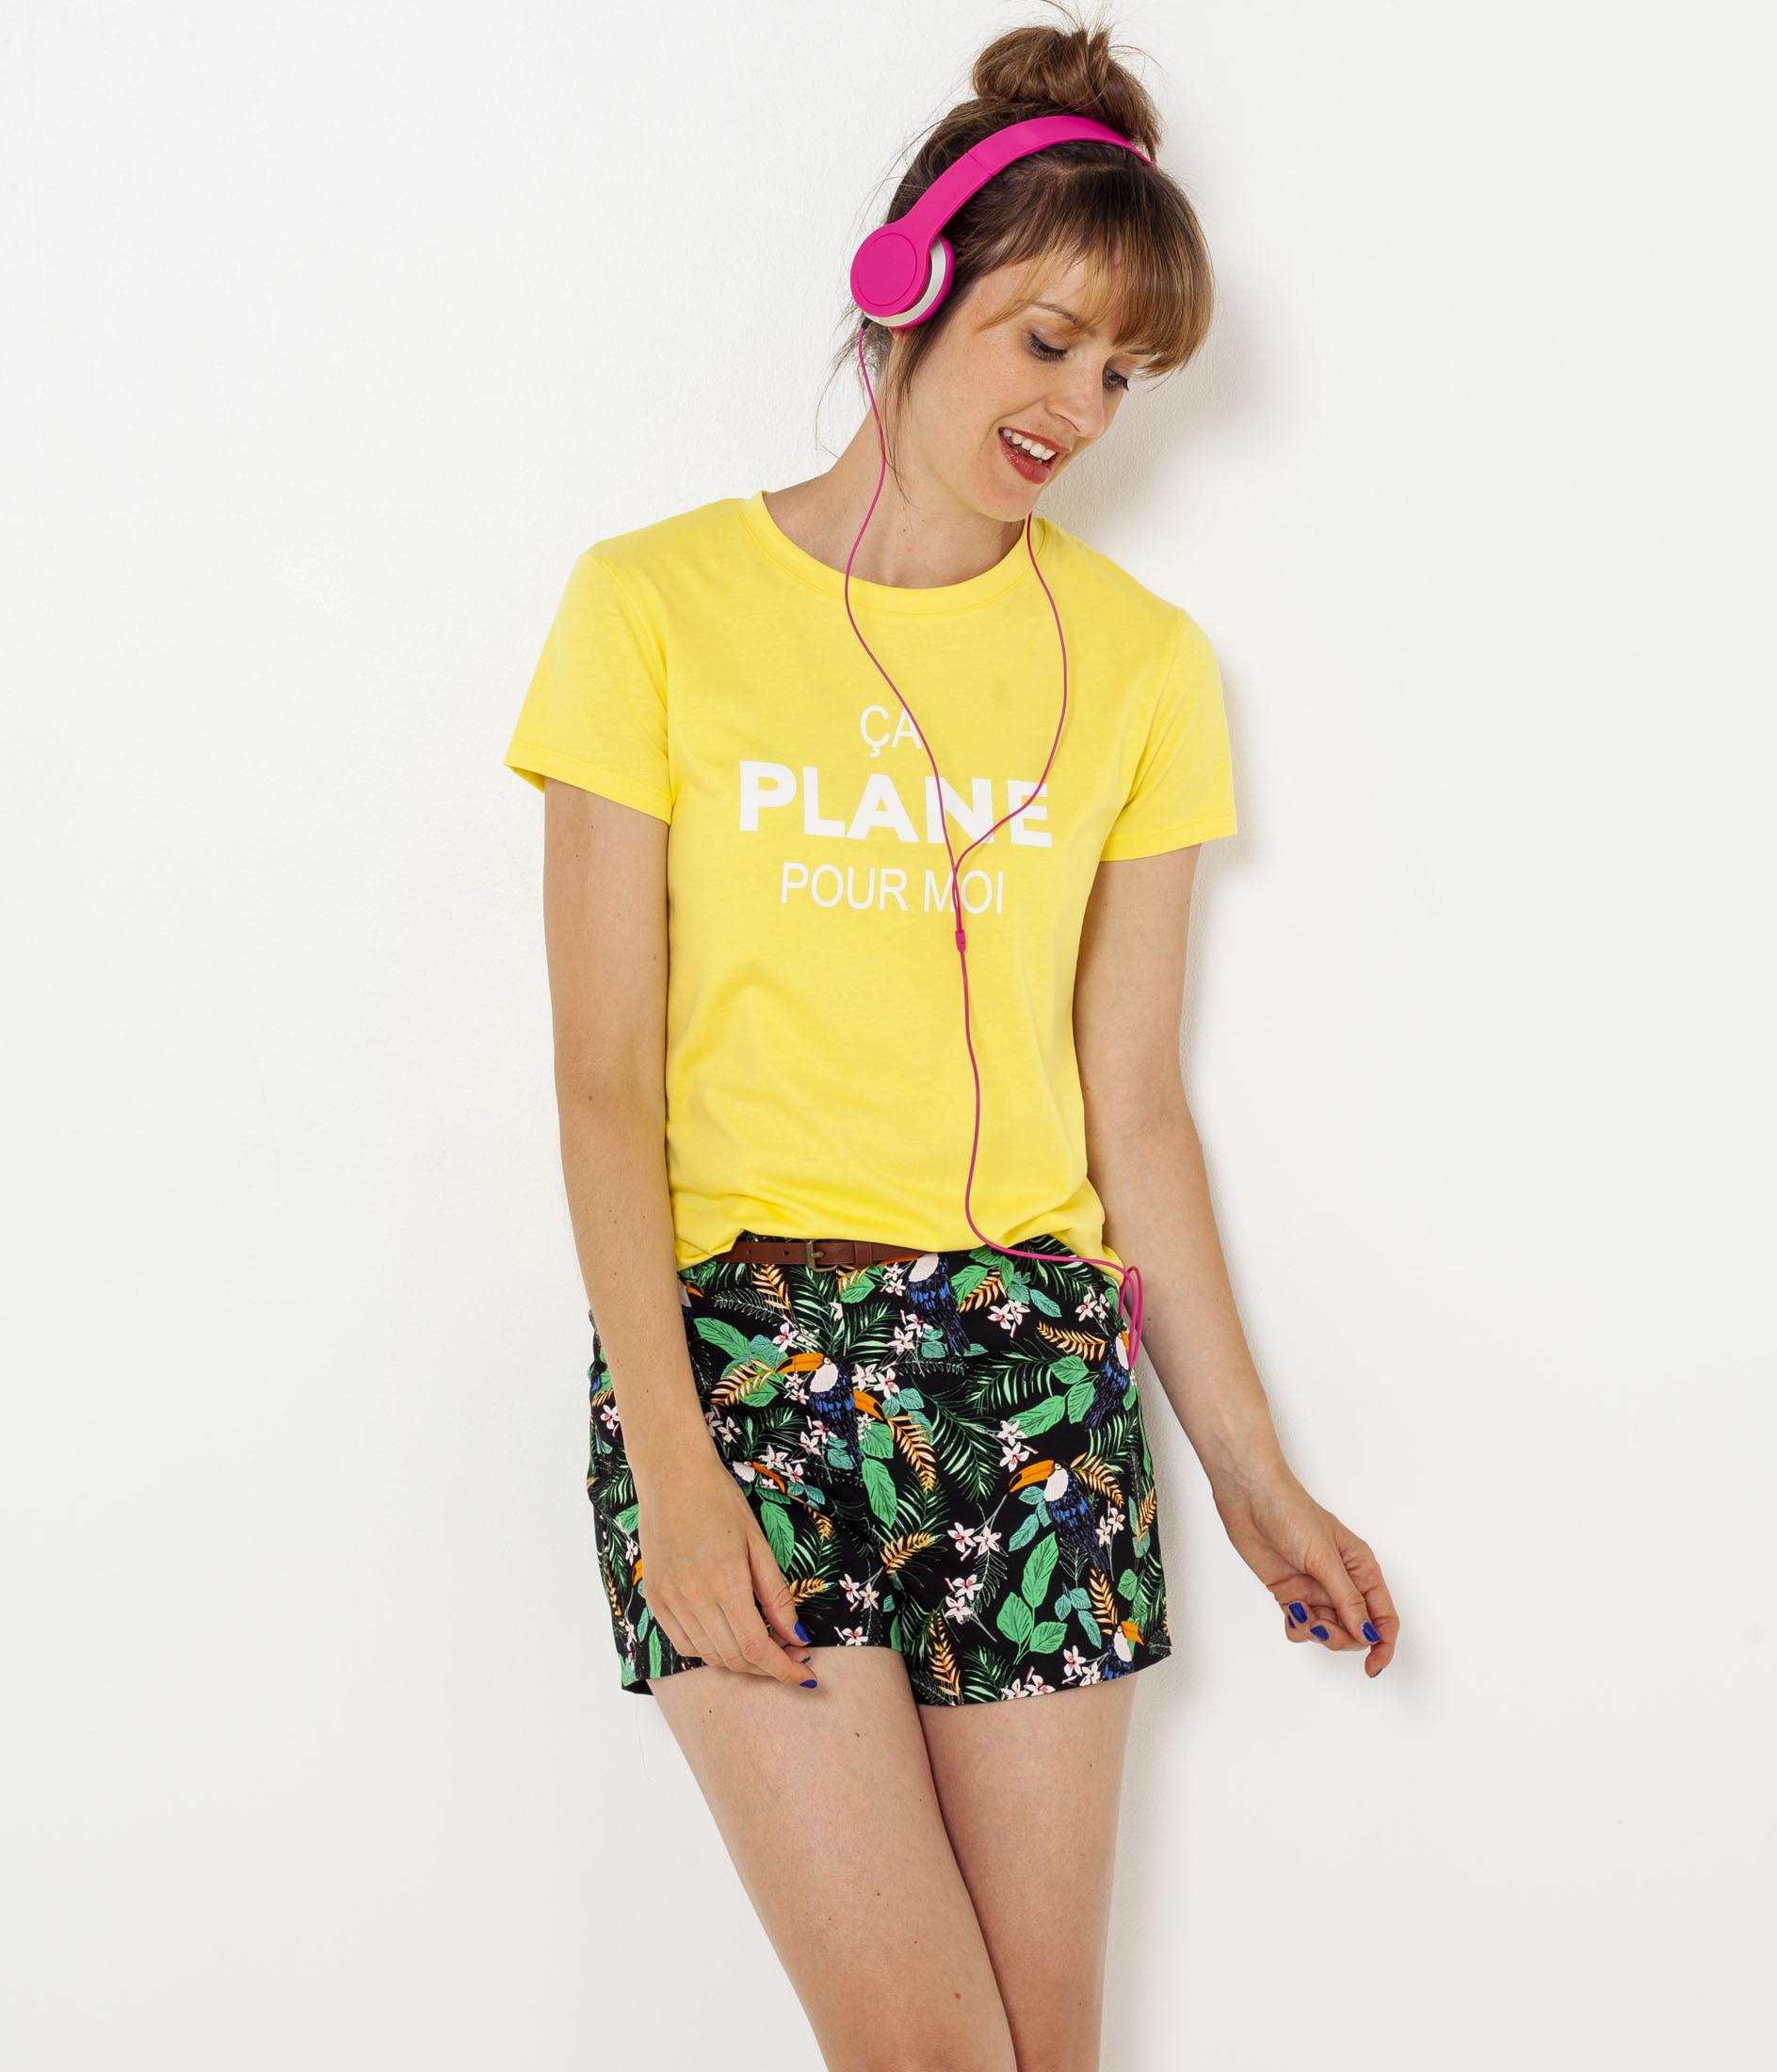 T Femme Camaïeu shirt X Universal UzpSjLqGMV